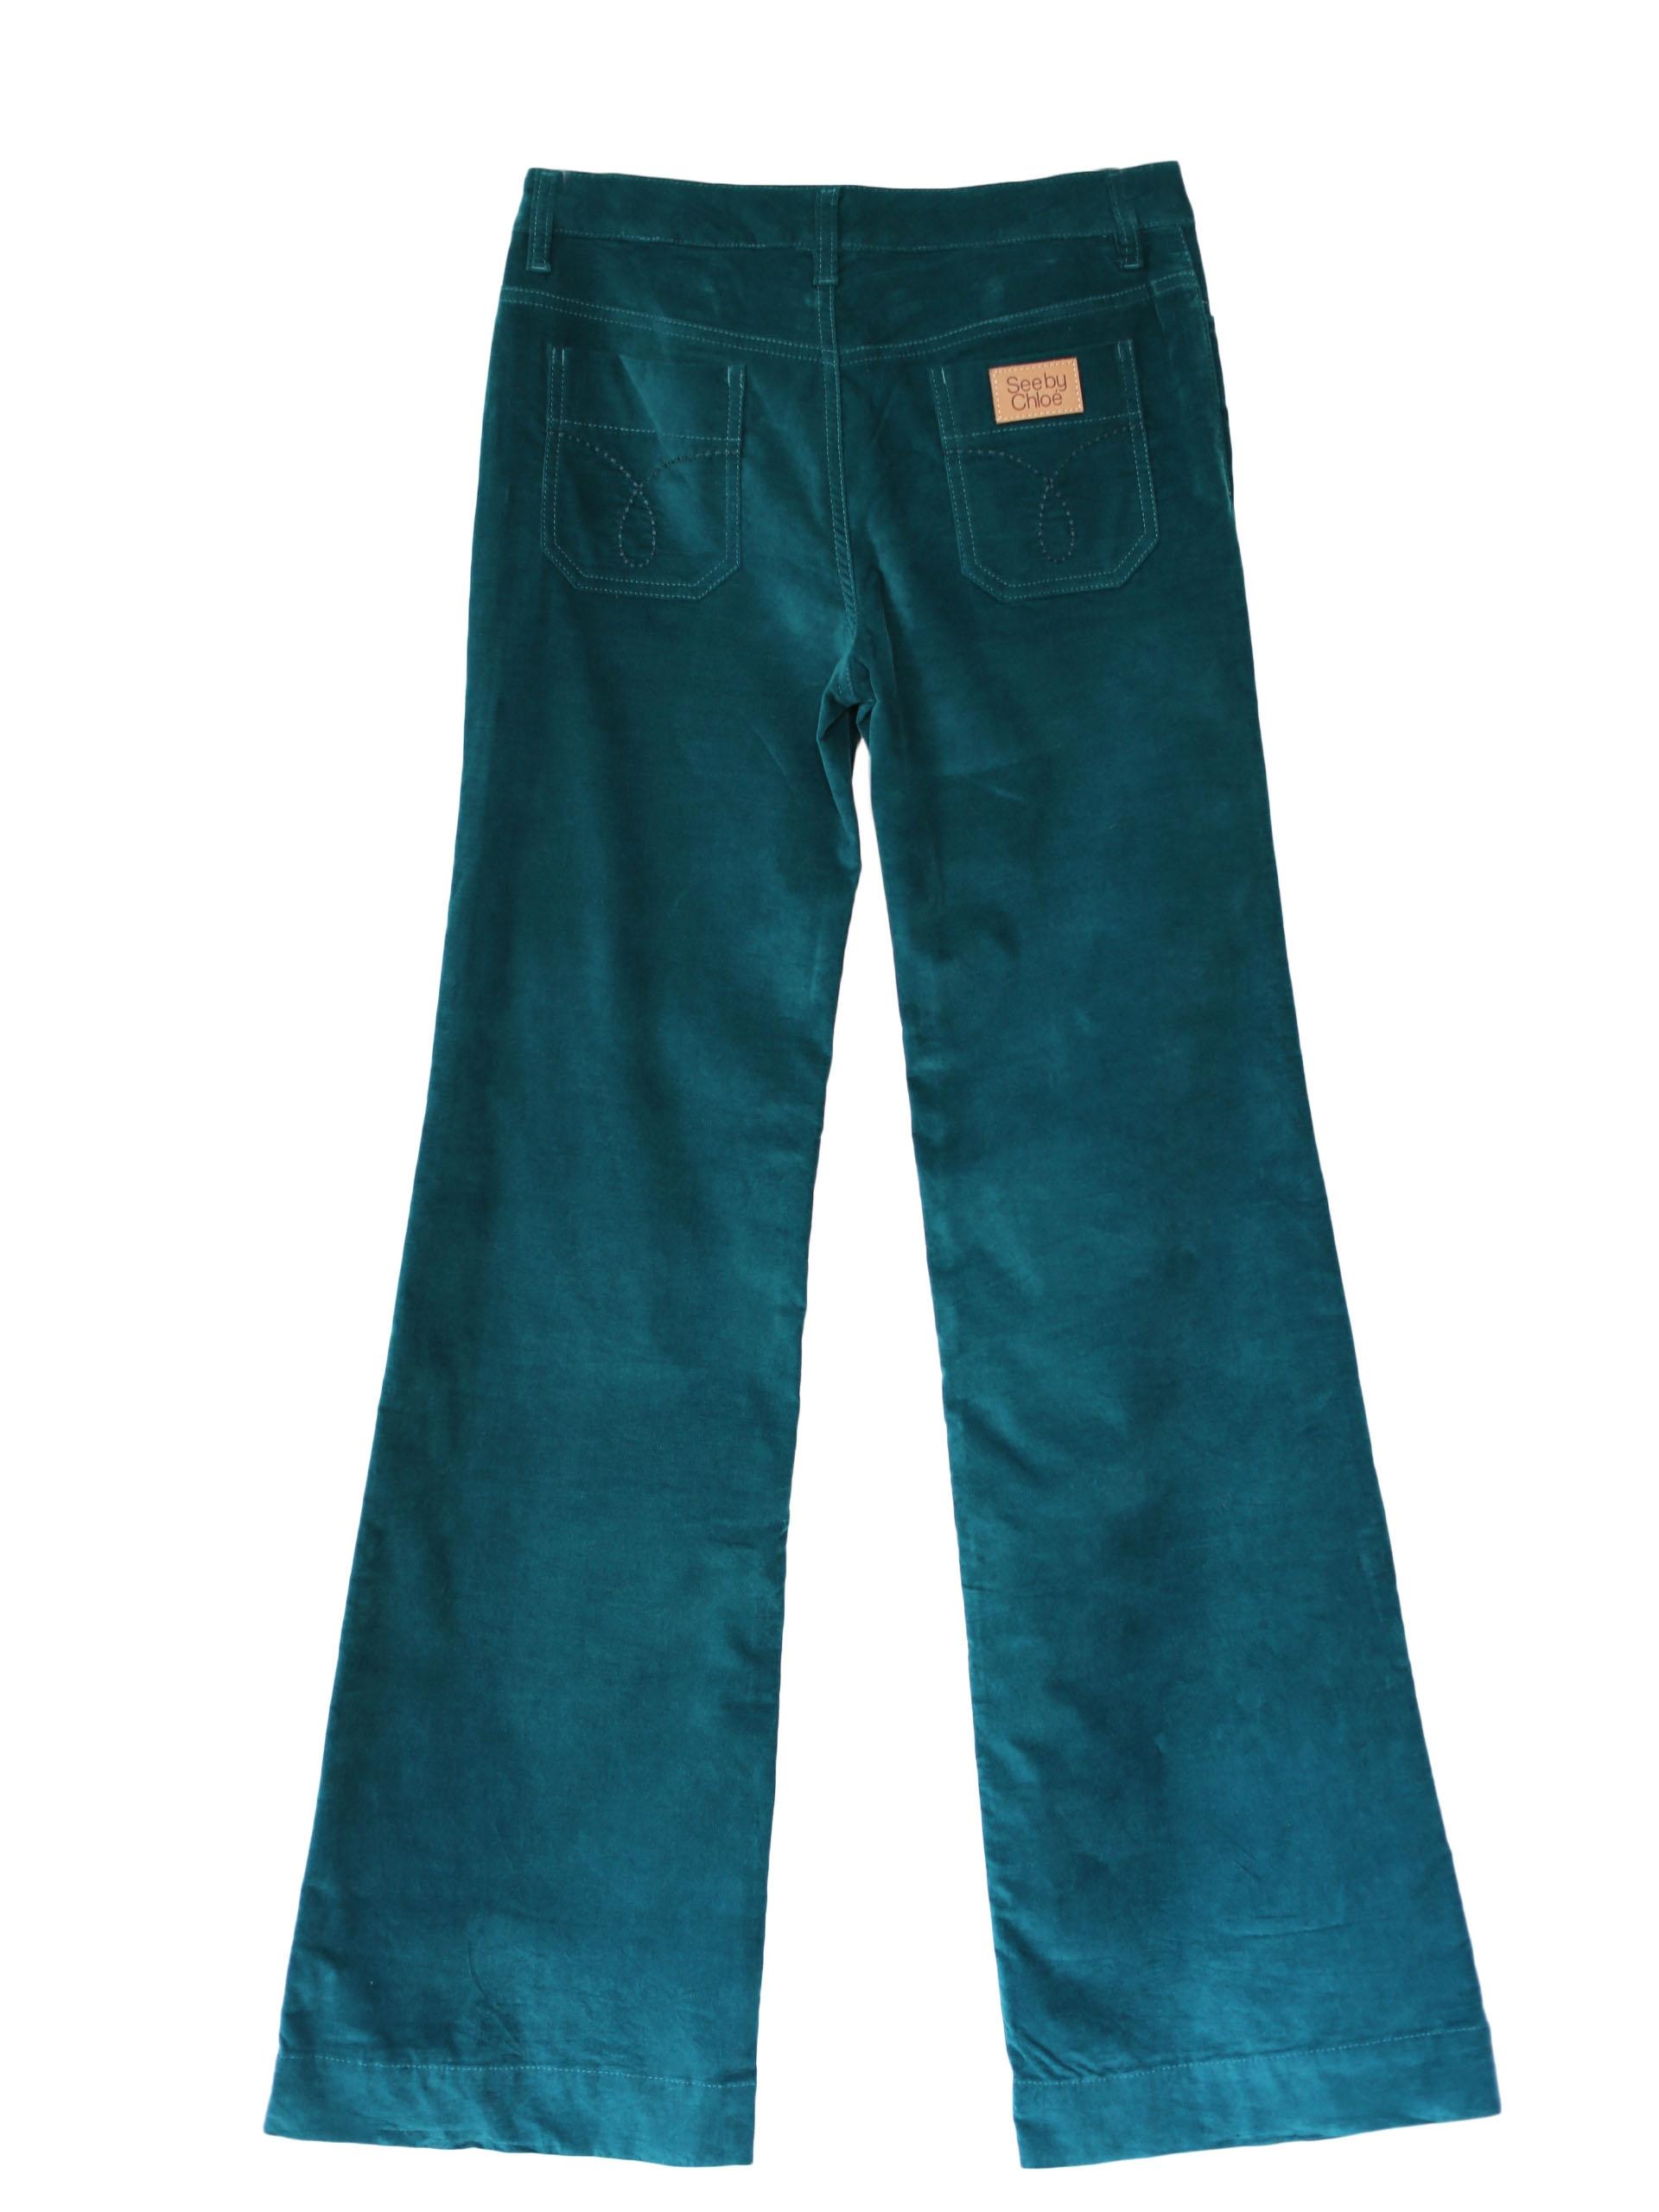 louise see by pantalon en velours bleu canard px boutique 300 taille 38